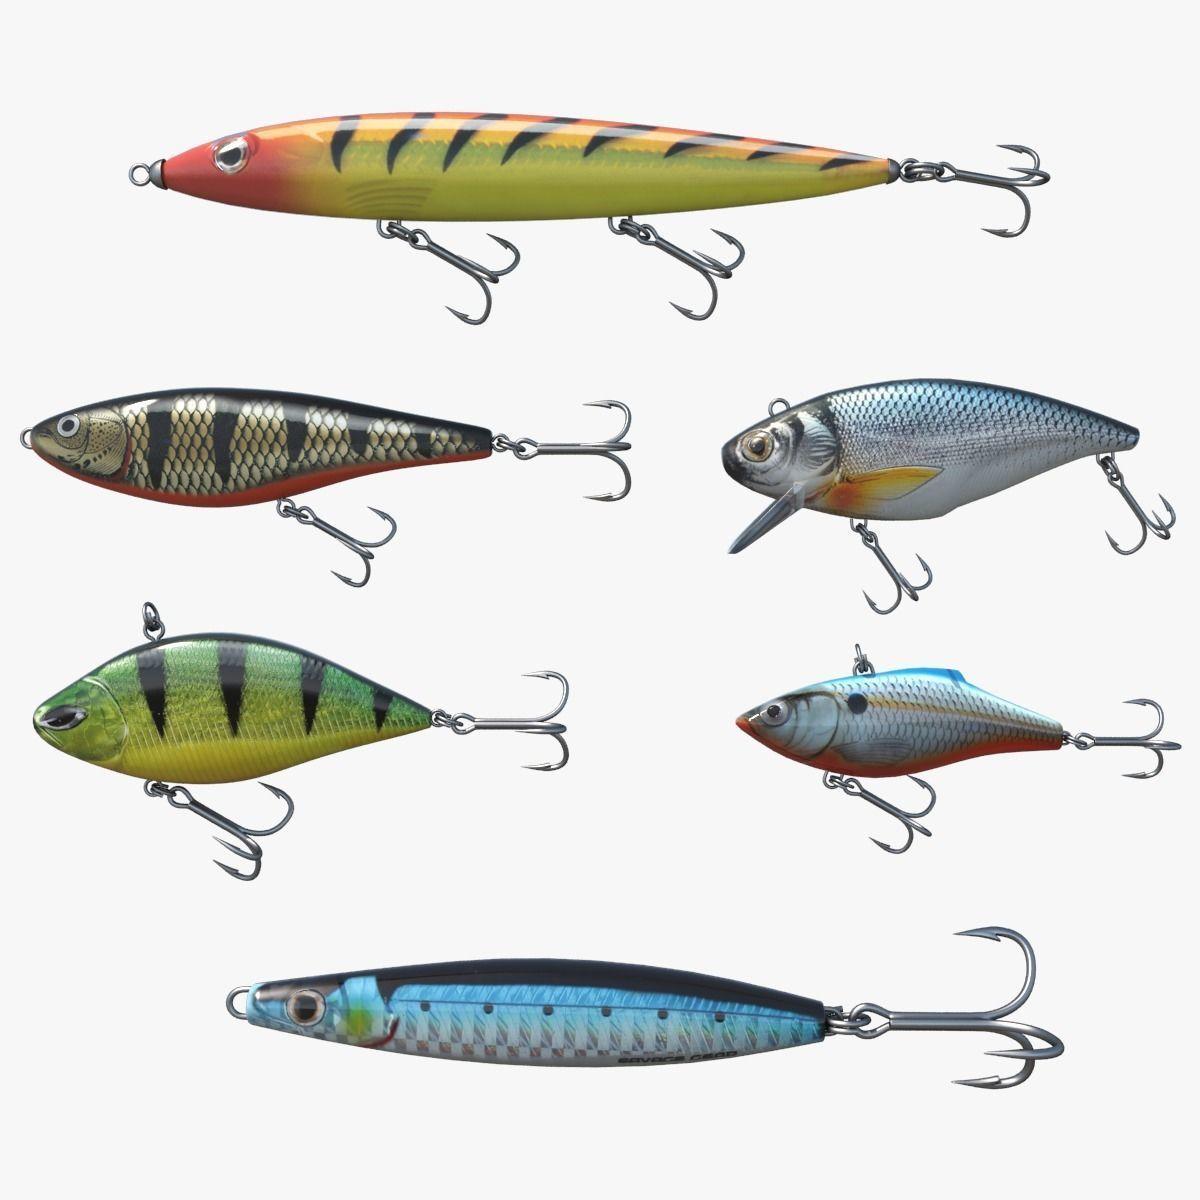 Fishing lure set